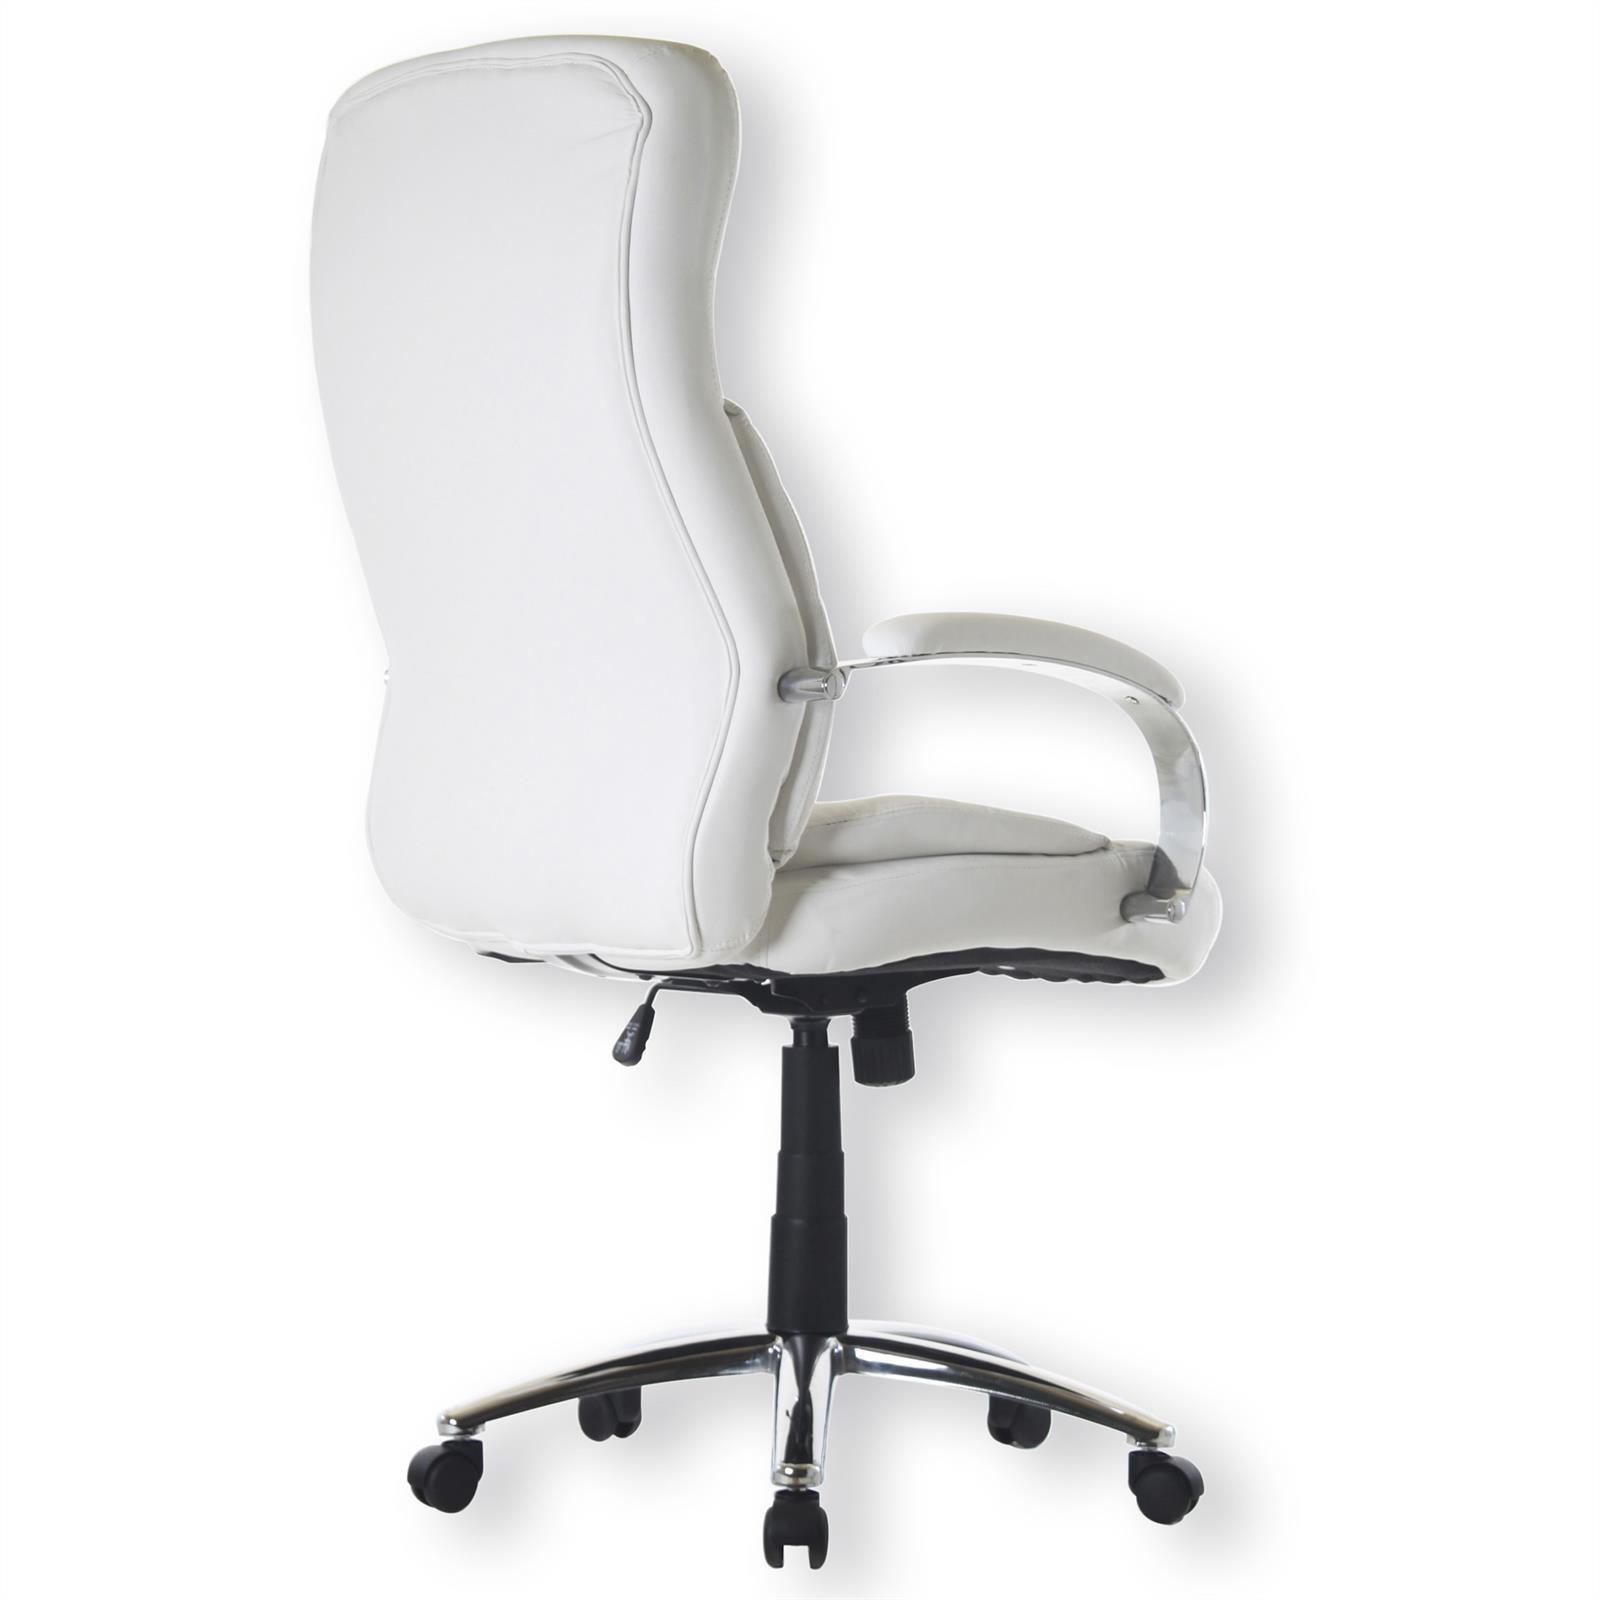 fauteuil de bureau consul 2 avec accoudoirs blanc mobil meubles. Black Bedroom Furniture Sets. Home Design Ideas